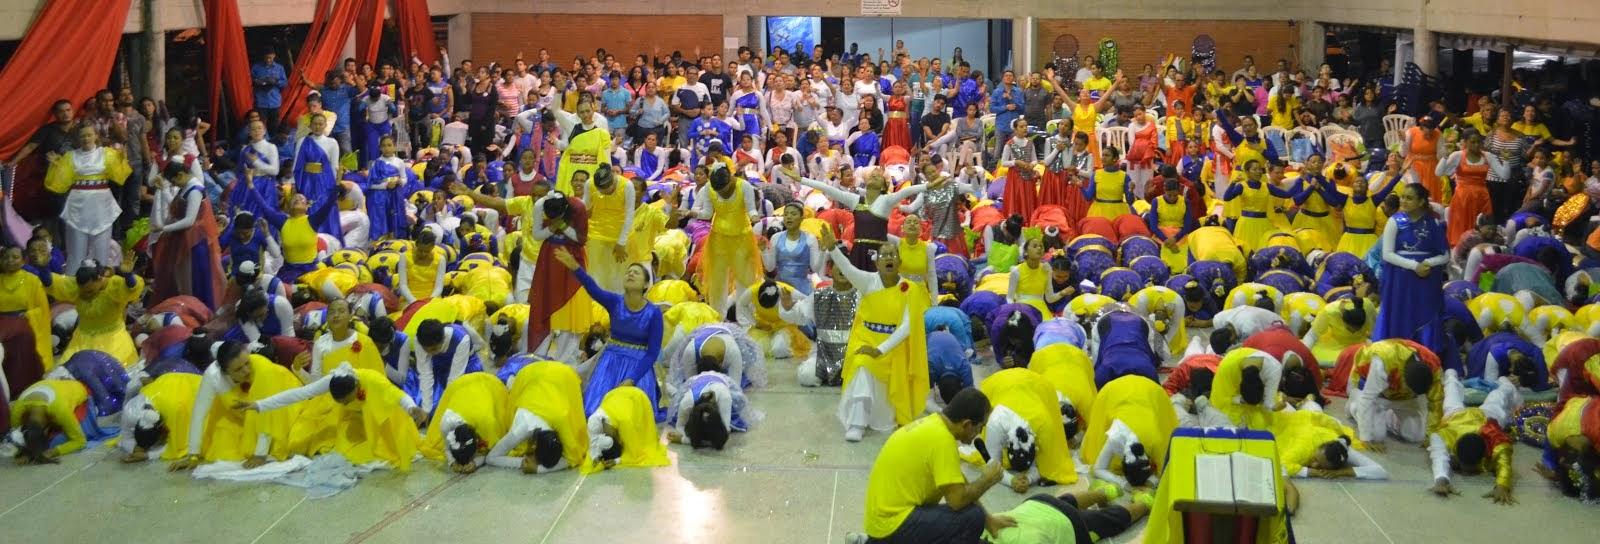 Escuela Adoración Profética